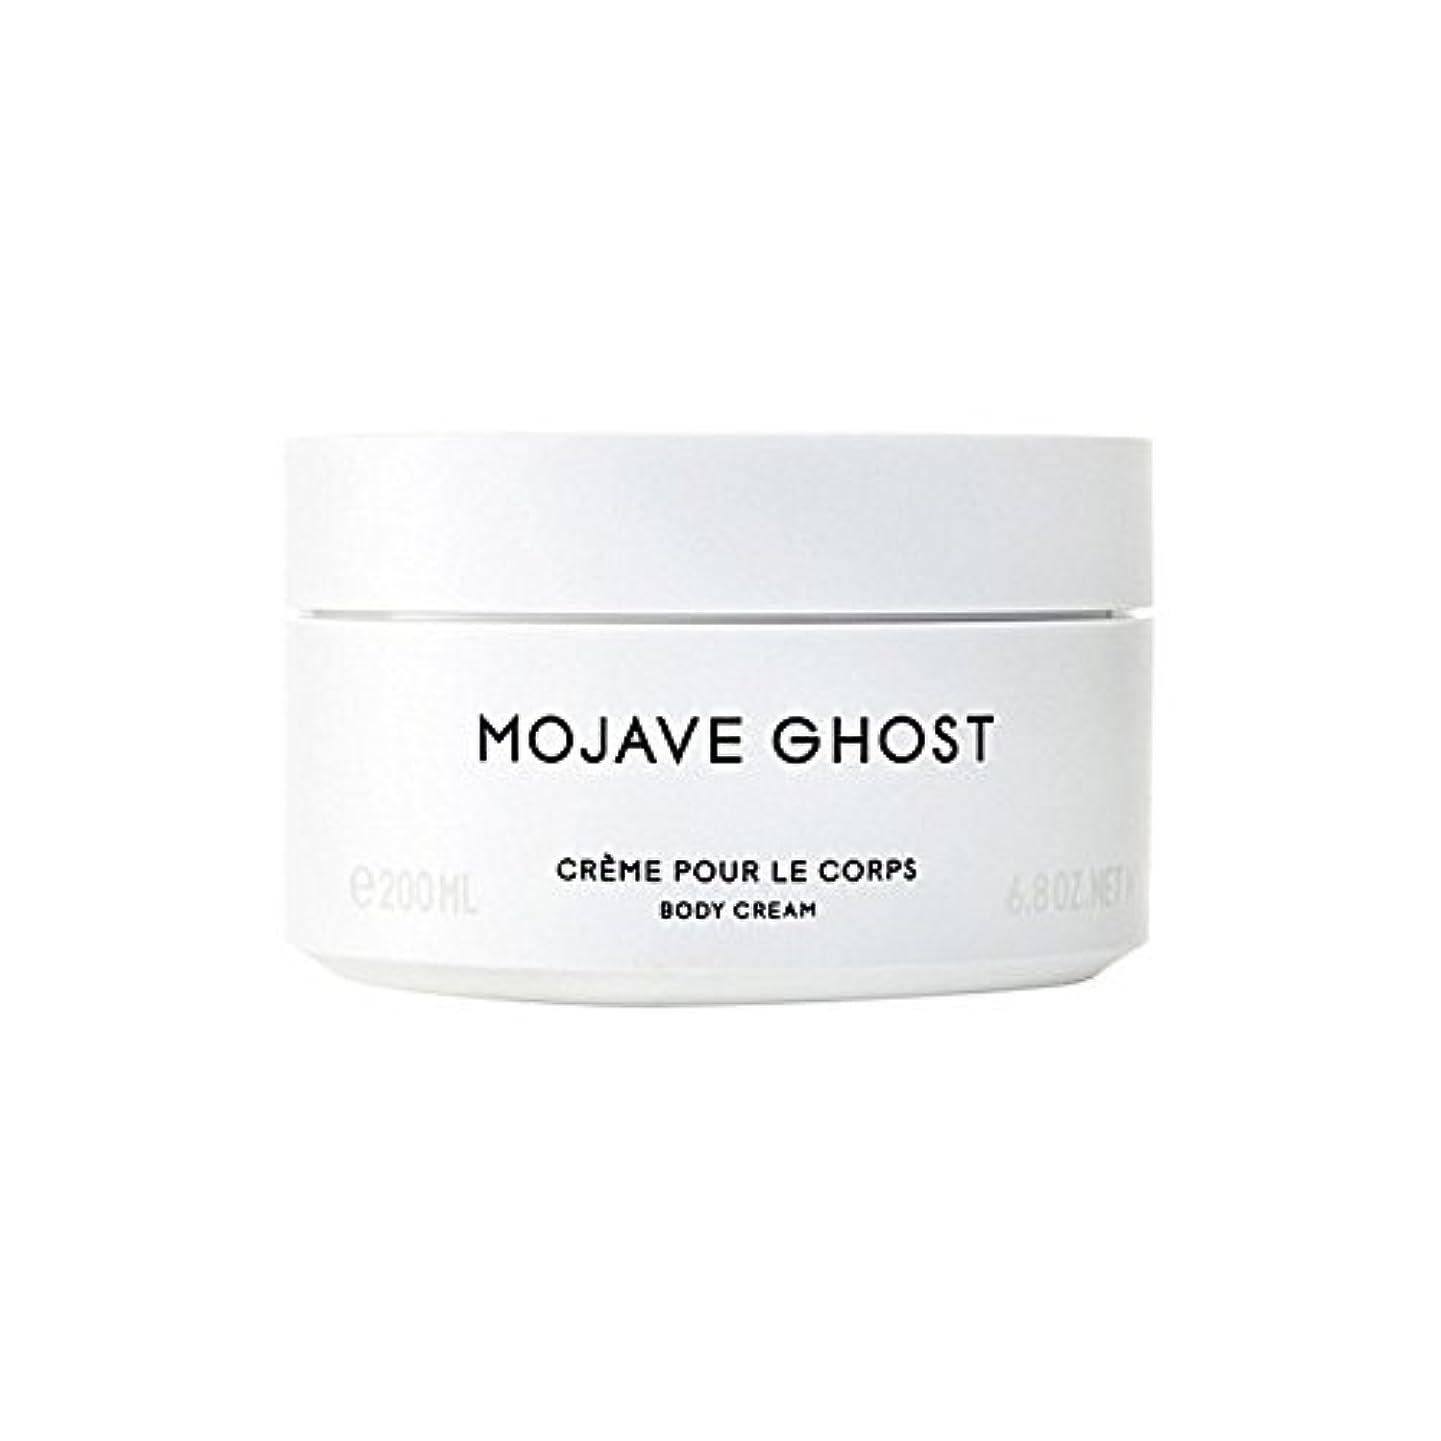 口永遠の専らByredo Mojave Ghost Body Cream 200ml (Pack of 6) - モハーベゴーストボディクリーム200ミリリットル x6 [並行輸入品]